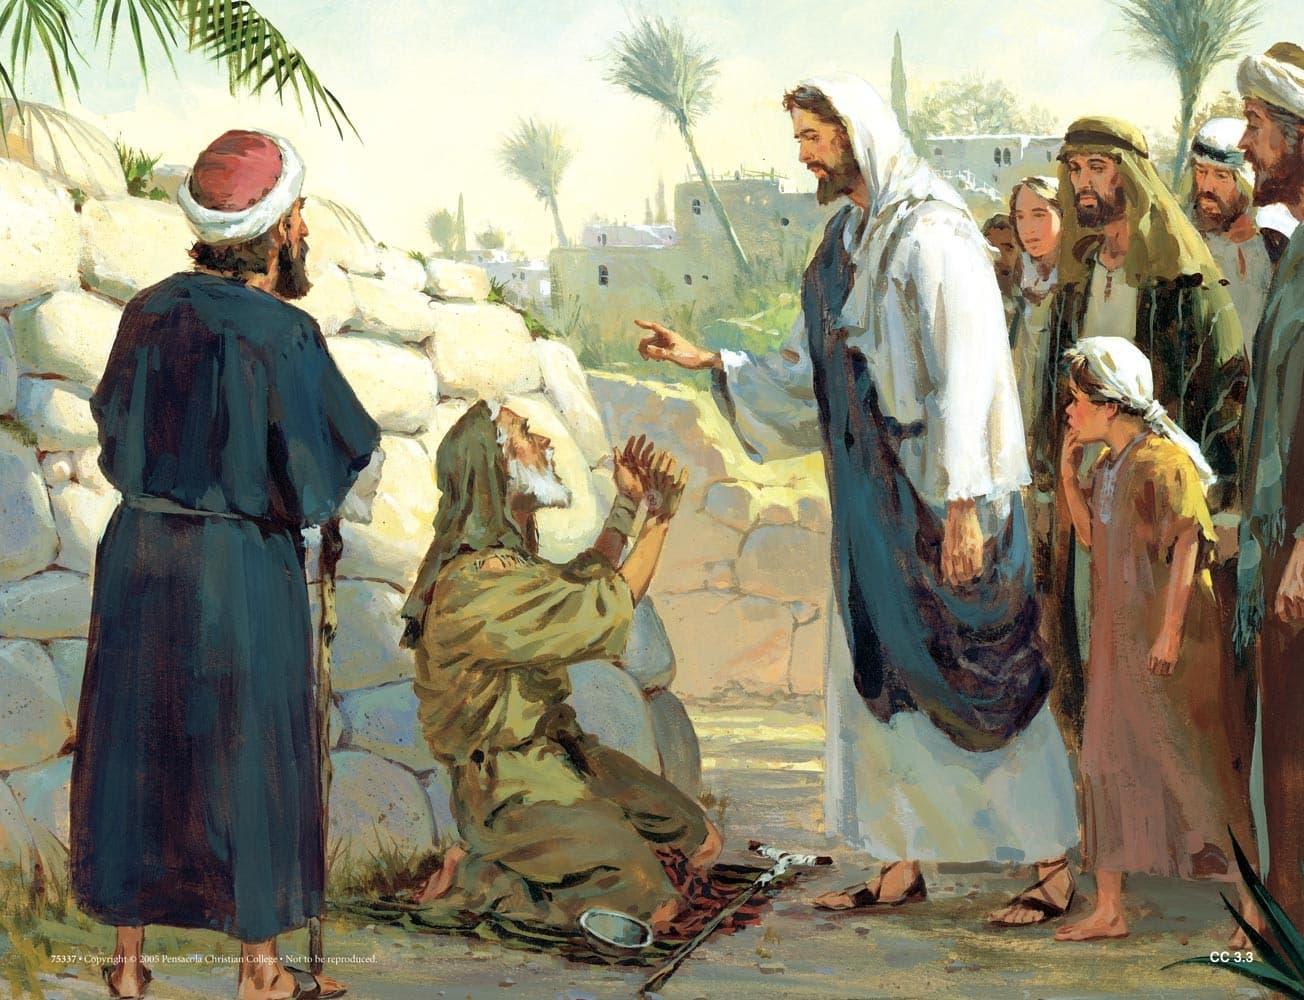 God's Mercy on Beggars